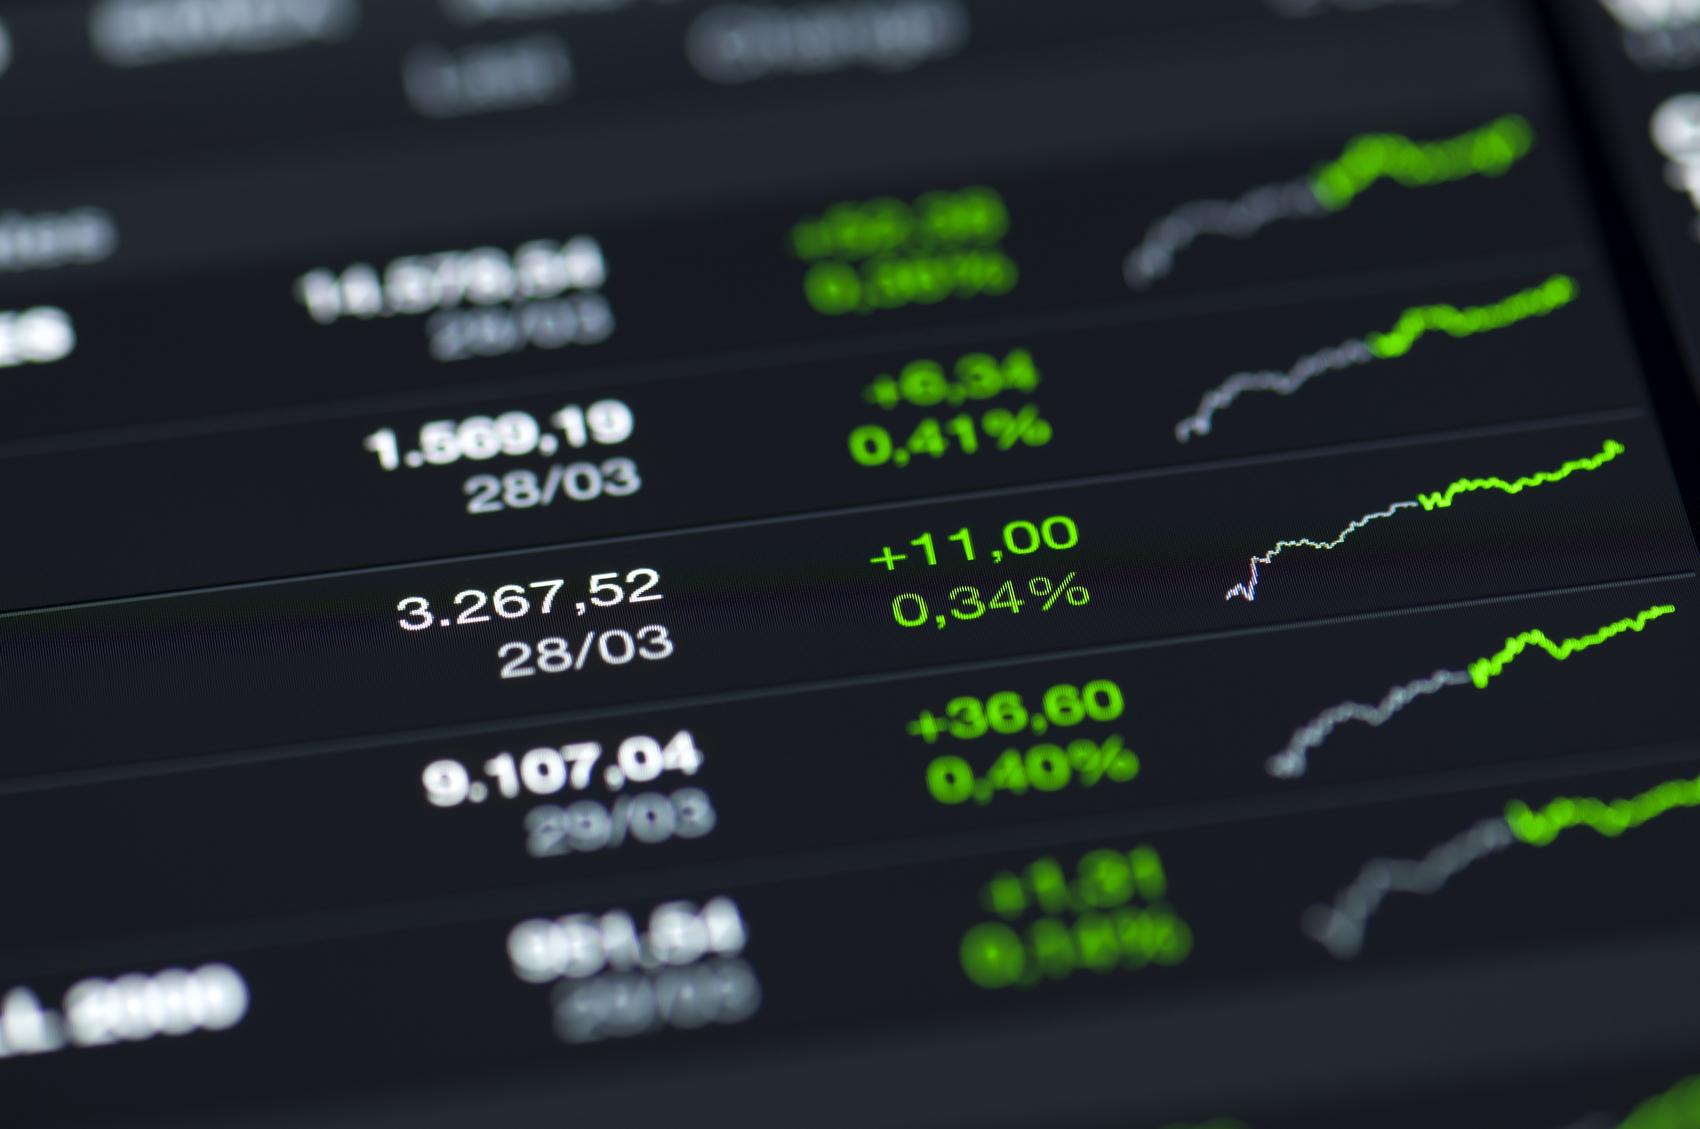 invistaja.info - Ibovespa sobe seguindo Wall Street após fala de dirigente do Fed; dólar cai para mínima em um ano